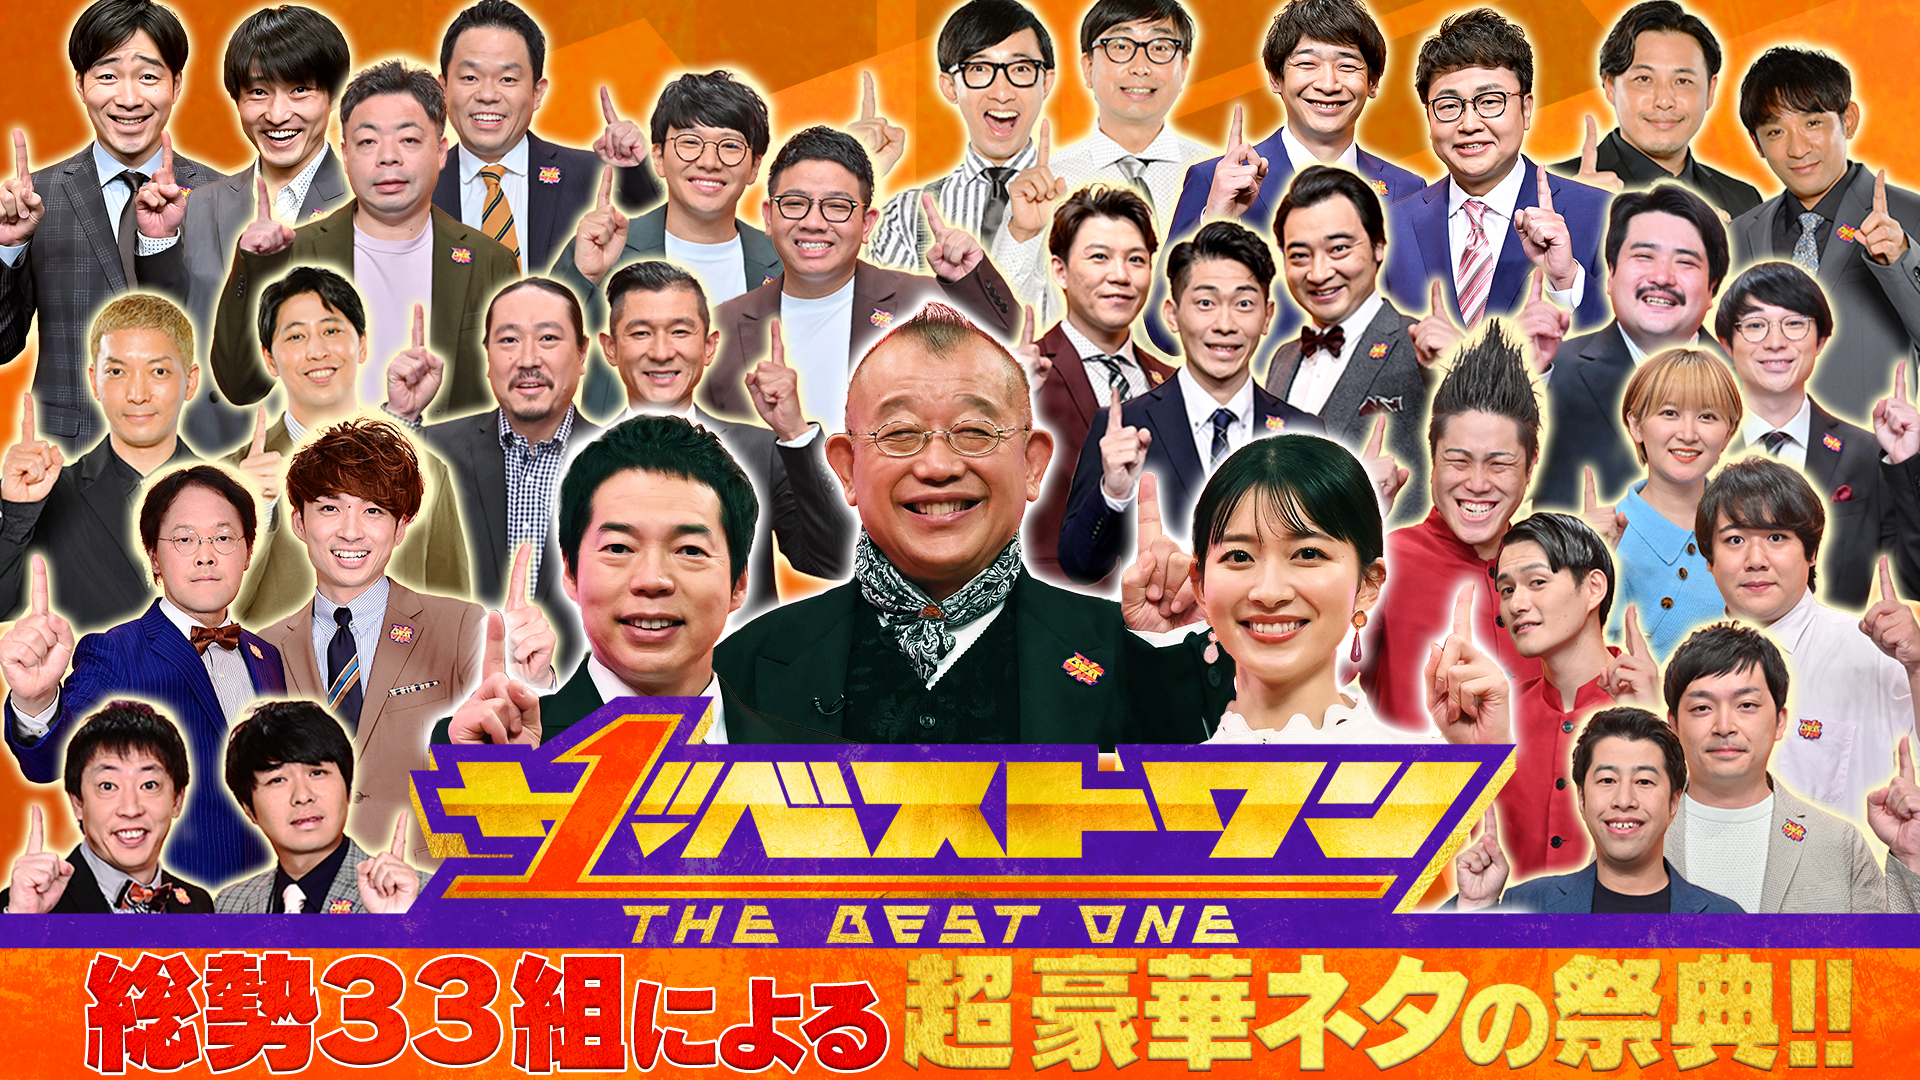 ザ・ベストワン #1 祝!レギュラー!初回3時間SP【前編】